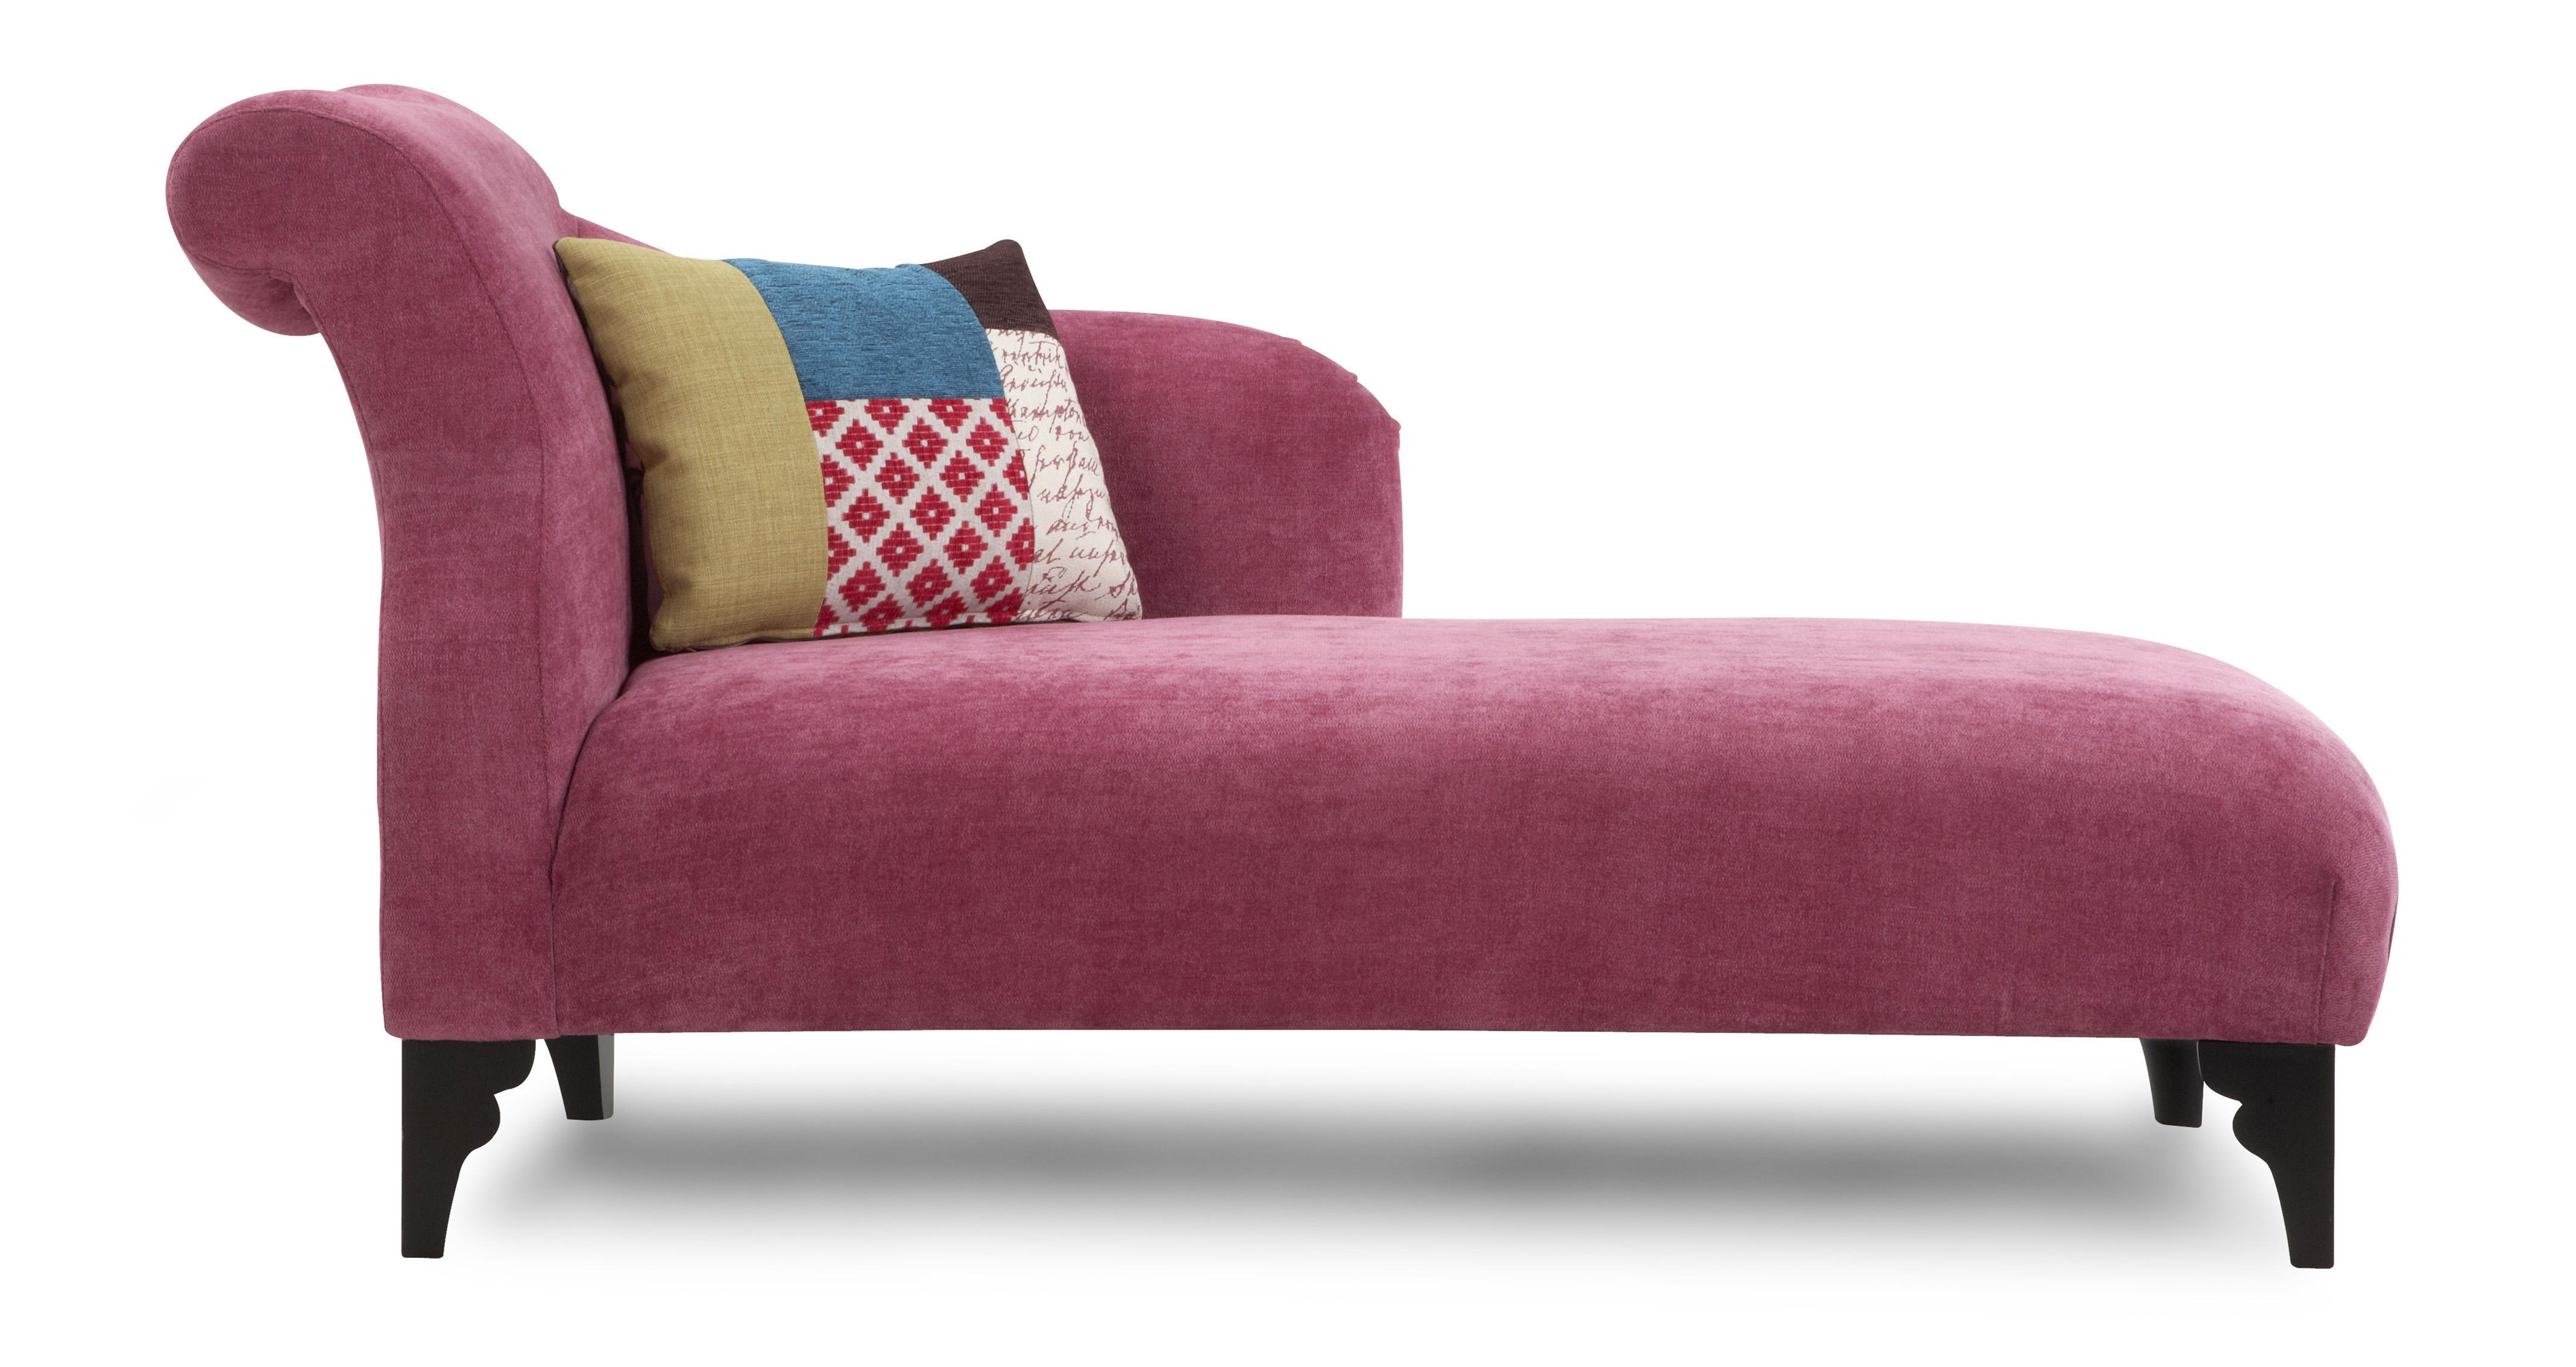 pink dfs sofa. Black Bedroom Furniture Sets. Home Design Ideas